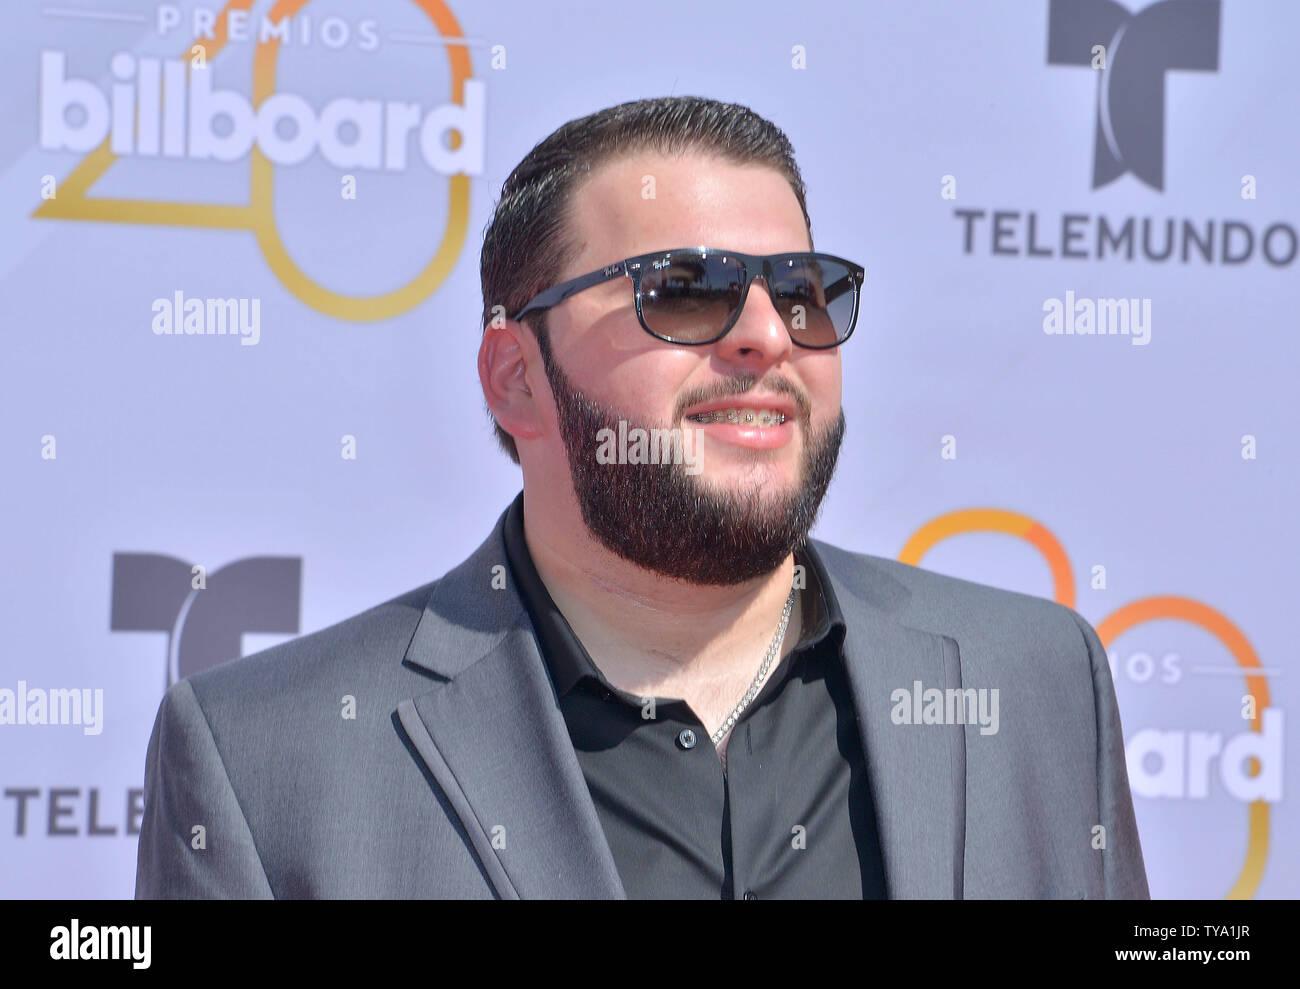 Artista musicale El Fantasma assiste il 2018 Billboard Latin Music Awards al Mandalay Bay Events Centre di Las Vegas, Nevada, il 26 aprile 2018. Foto di Jim Ruymen/UPI Immagini Stock